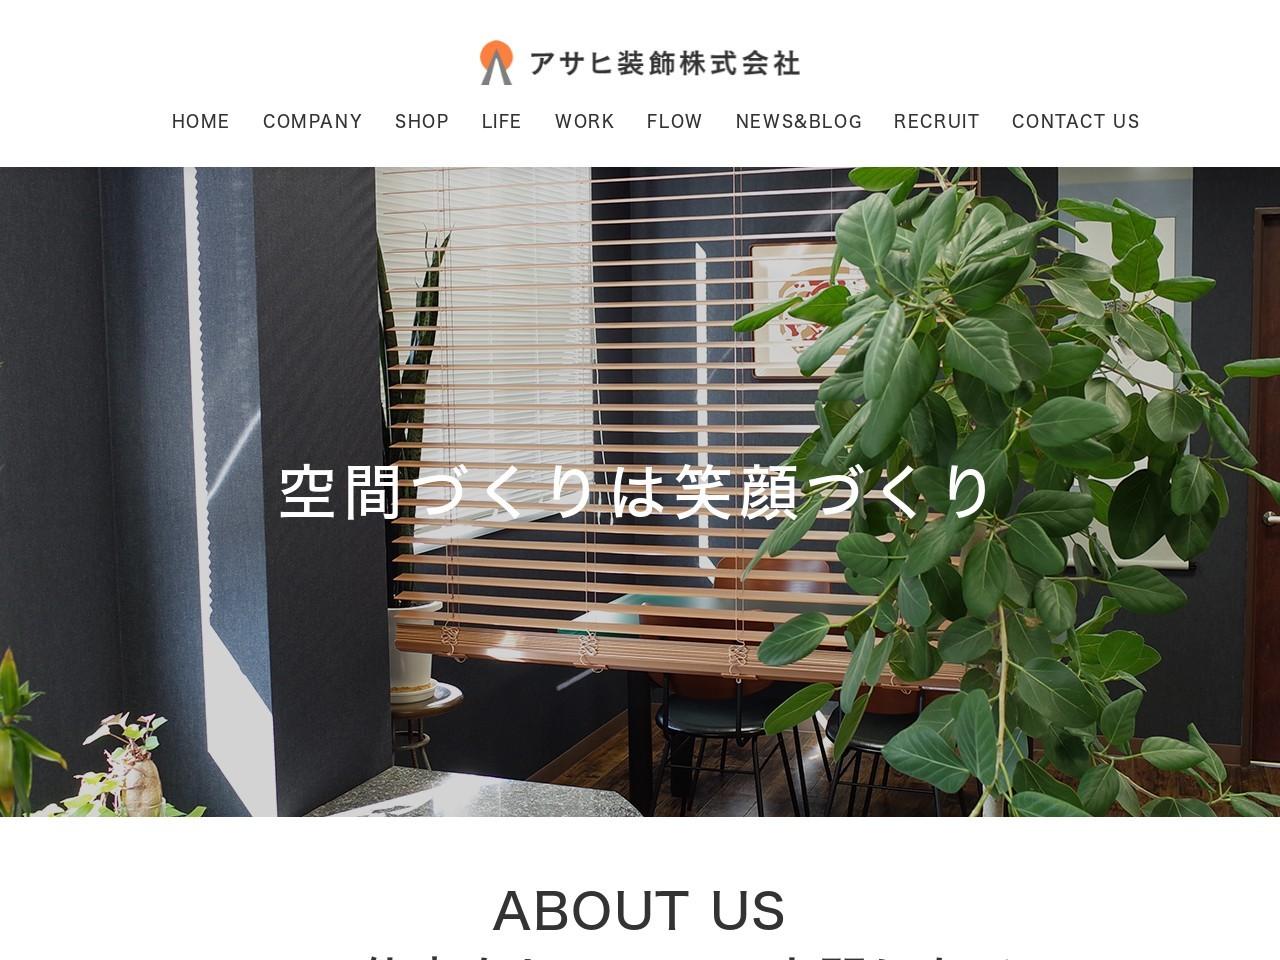 アサヒ装飾株式会社